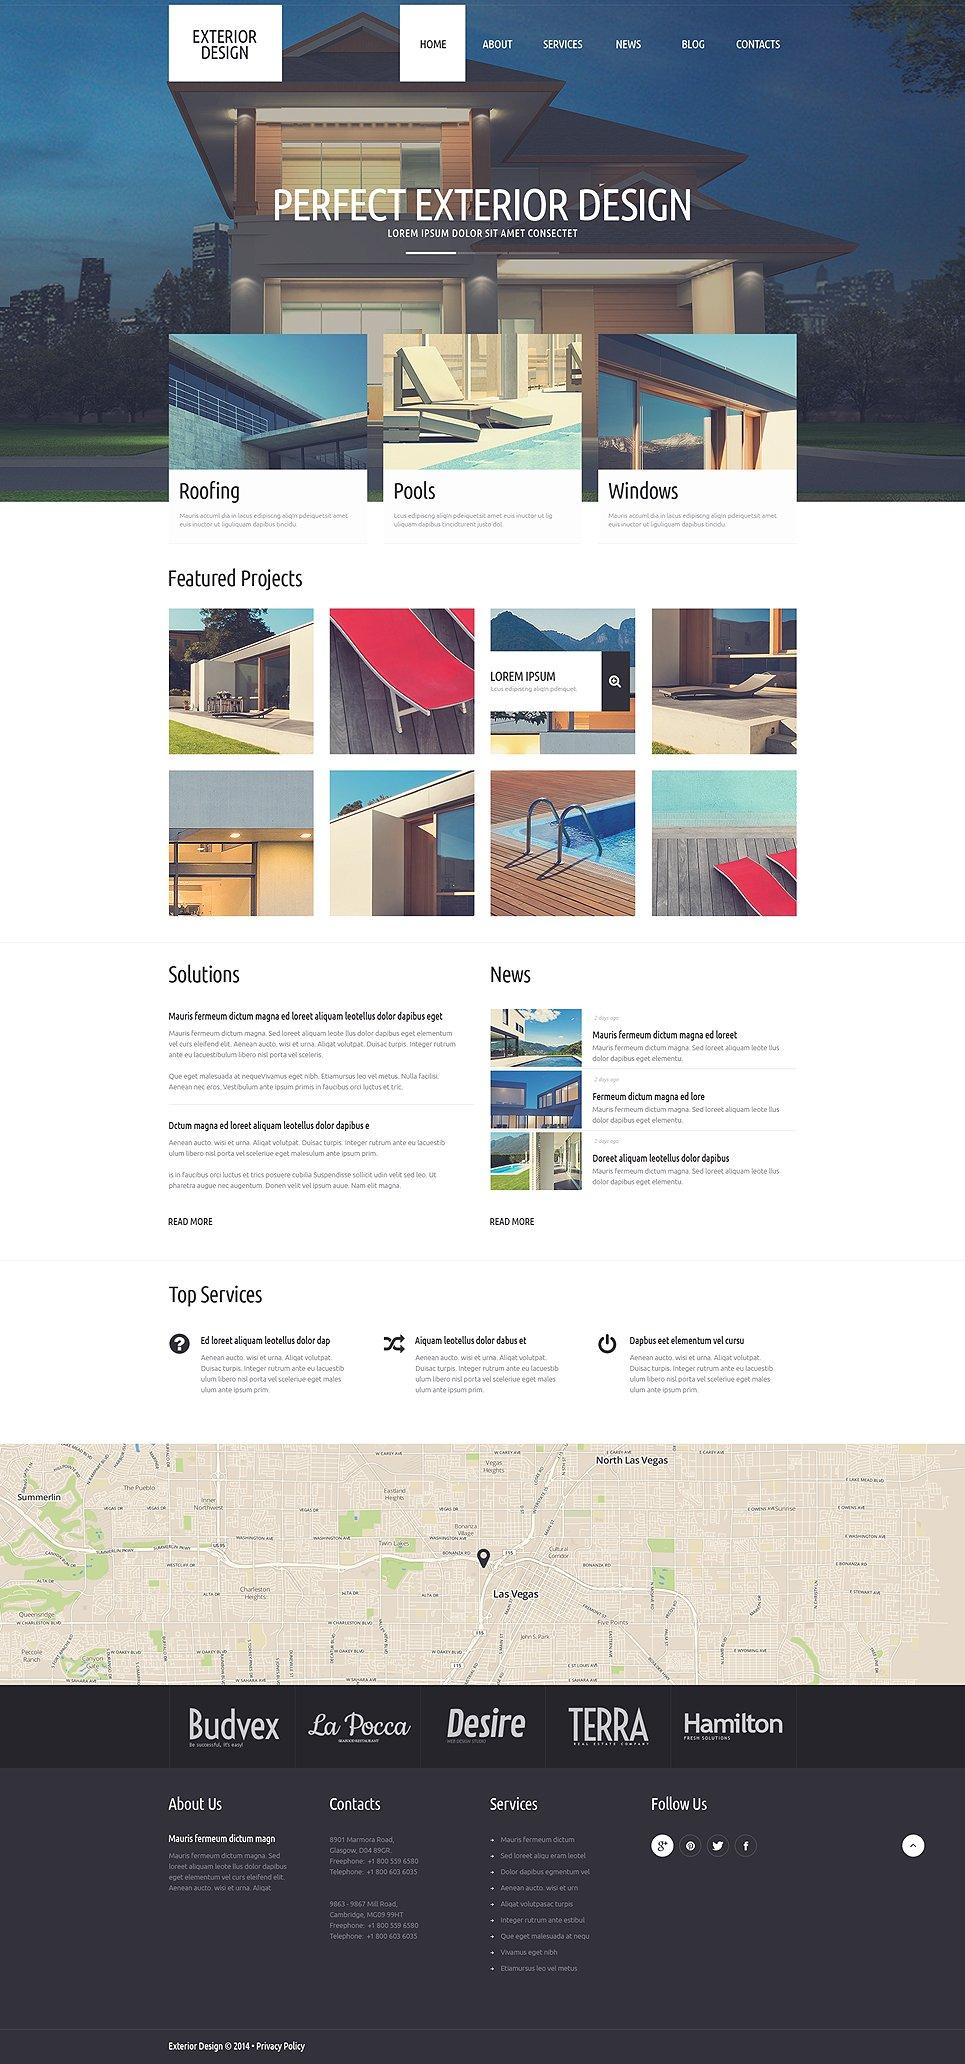 Адаптивный шаблон сайта на тему дизайн экстерьера #51306